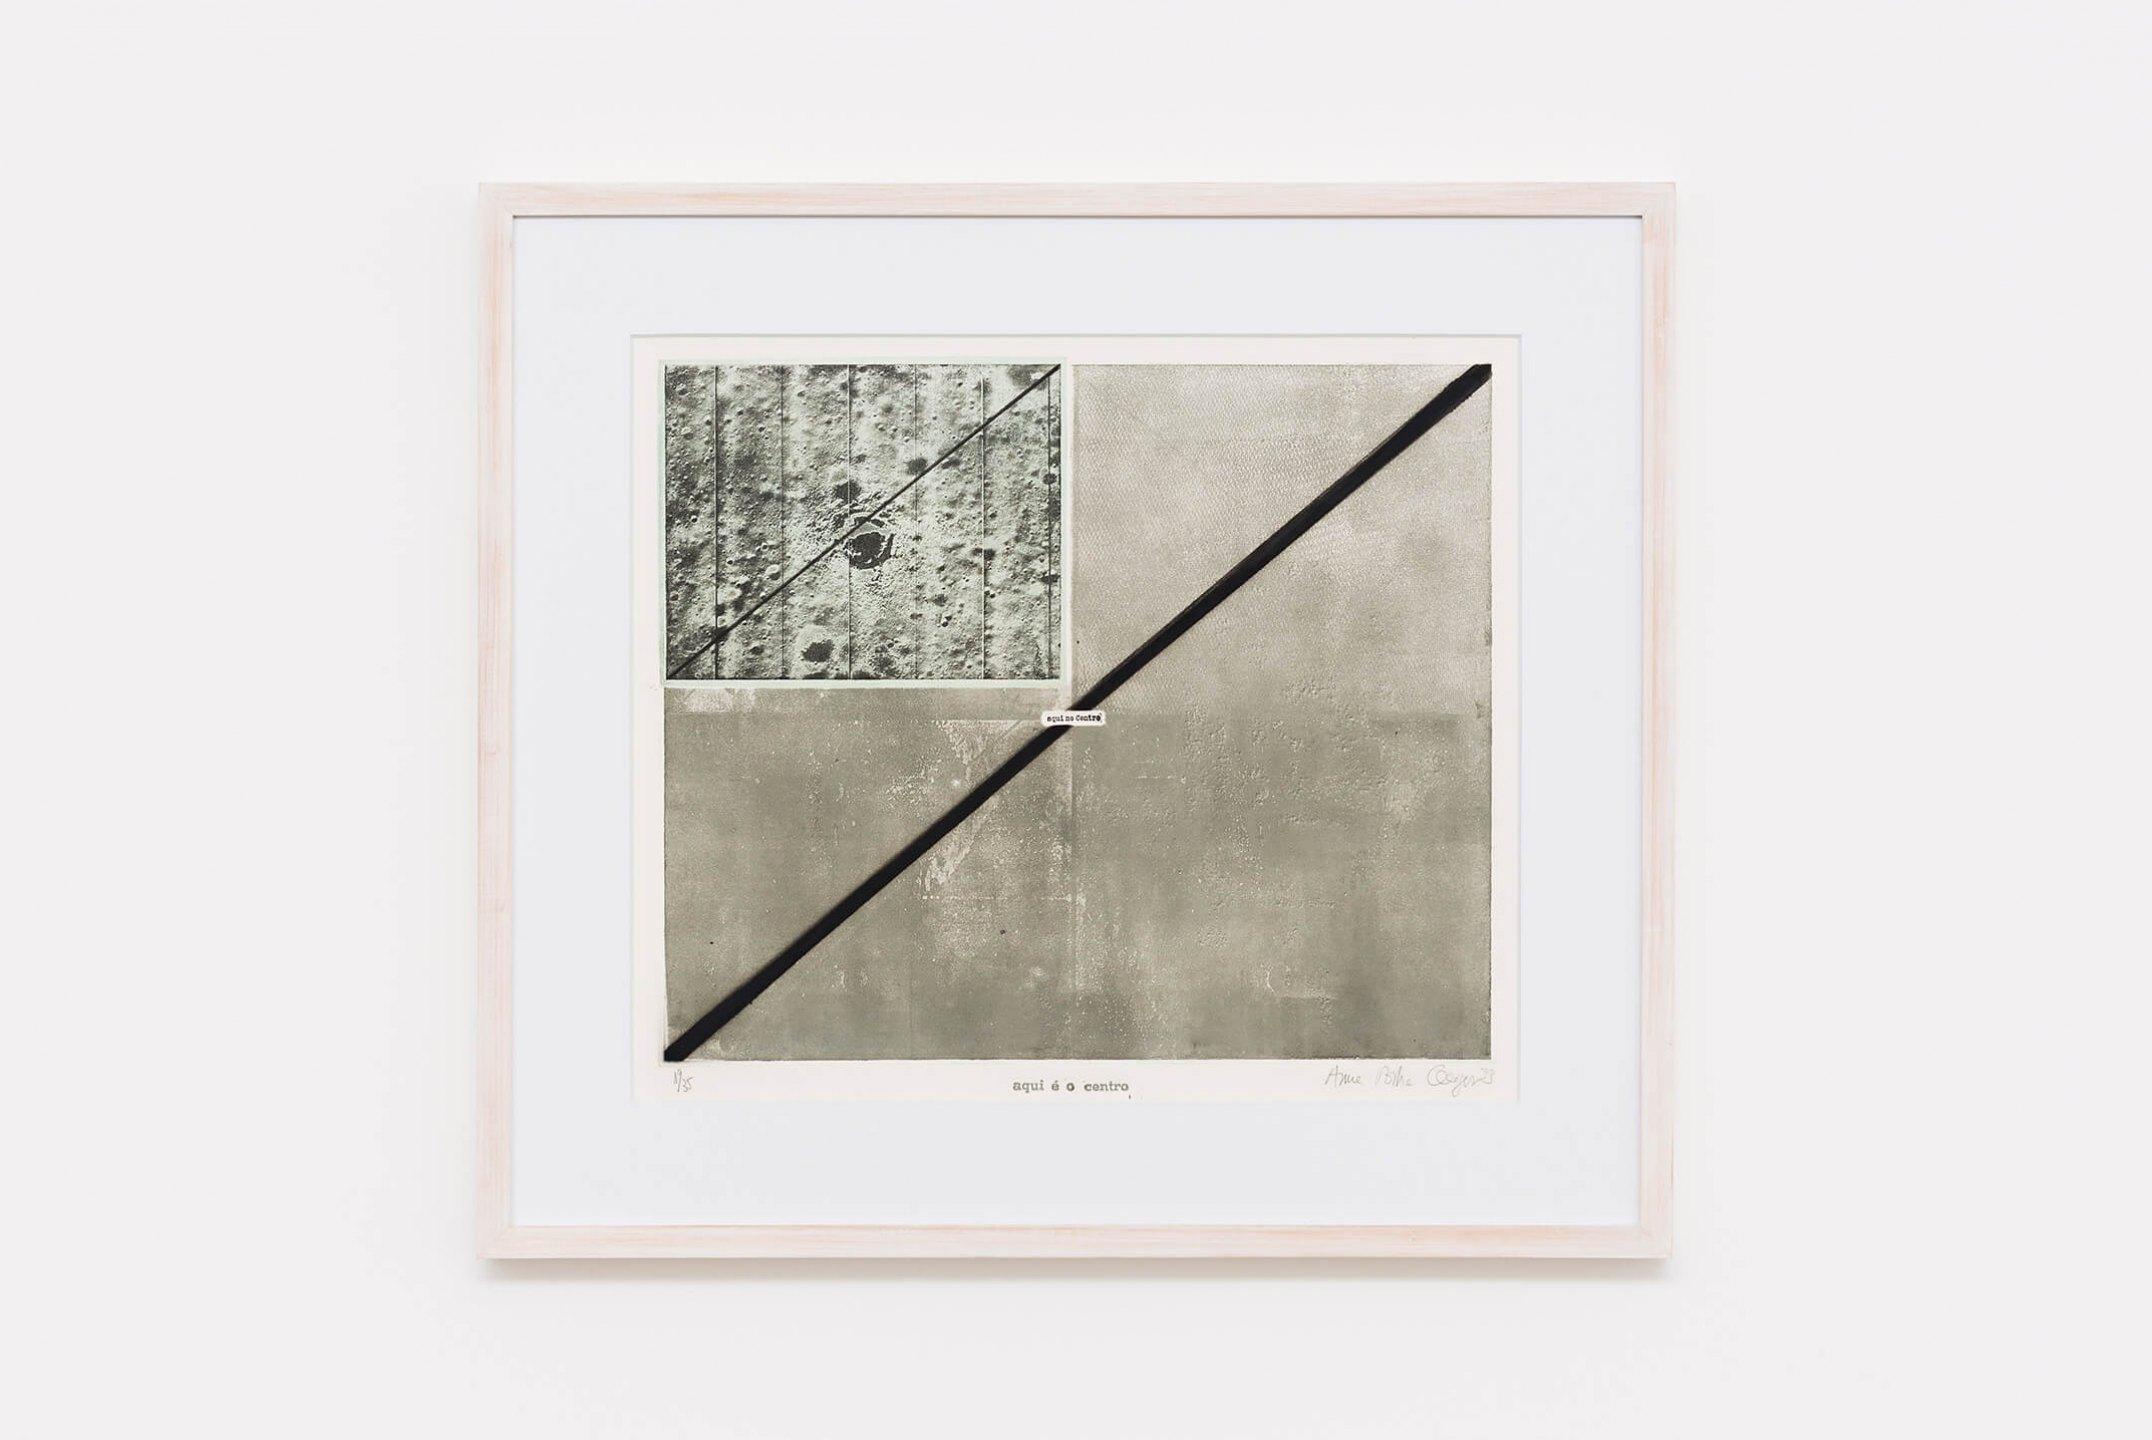 Anna Bella Geiger,<em>Aqui é o centro n.1</em>,1973, photoengraving on metal, serigraphy and cliché, 50×50 cm - Mendes Wood DM